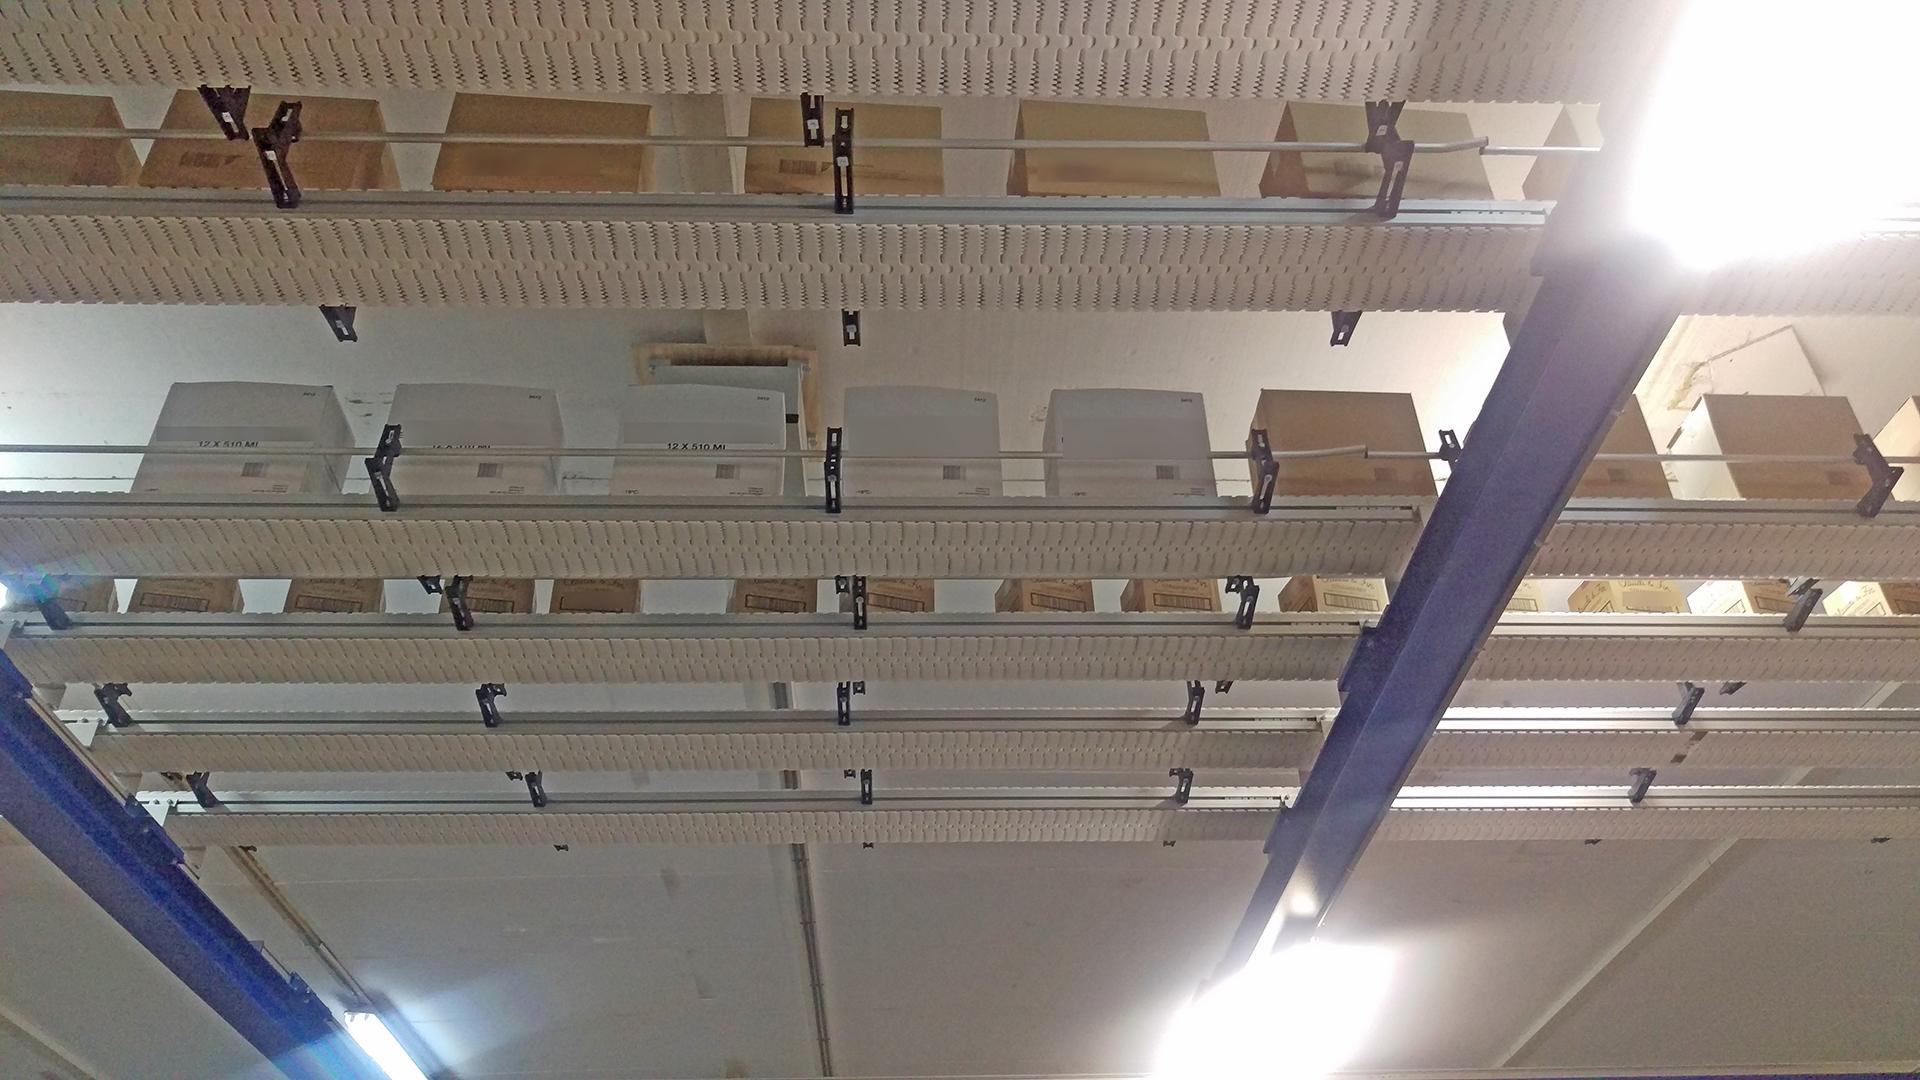 convoyeurs Carryline destinés à accumuler les produits a été installé en hauteur I